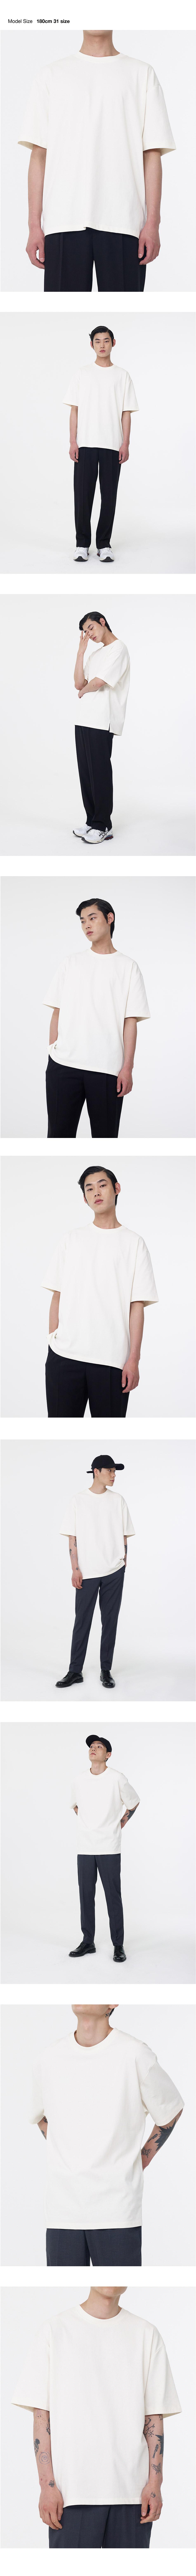 라츠(LOTS) 헤비 웨이트 슬릿 티셔츠 버터 아이보리